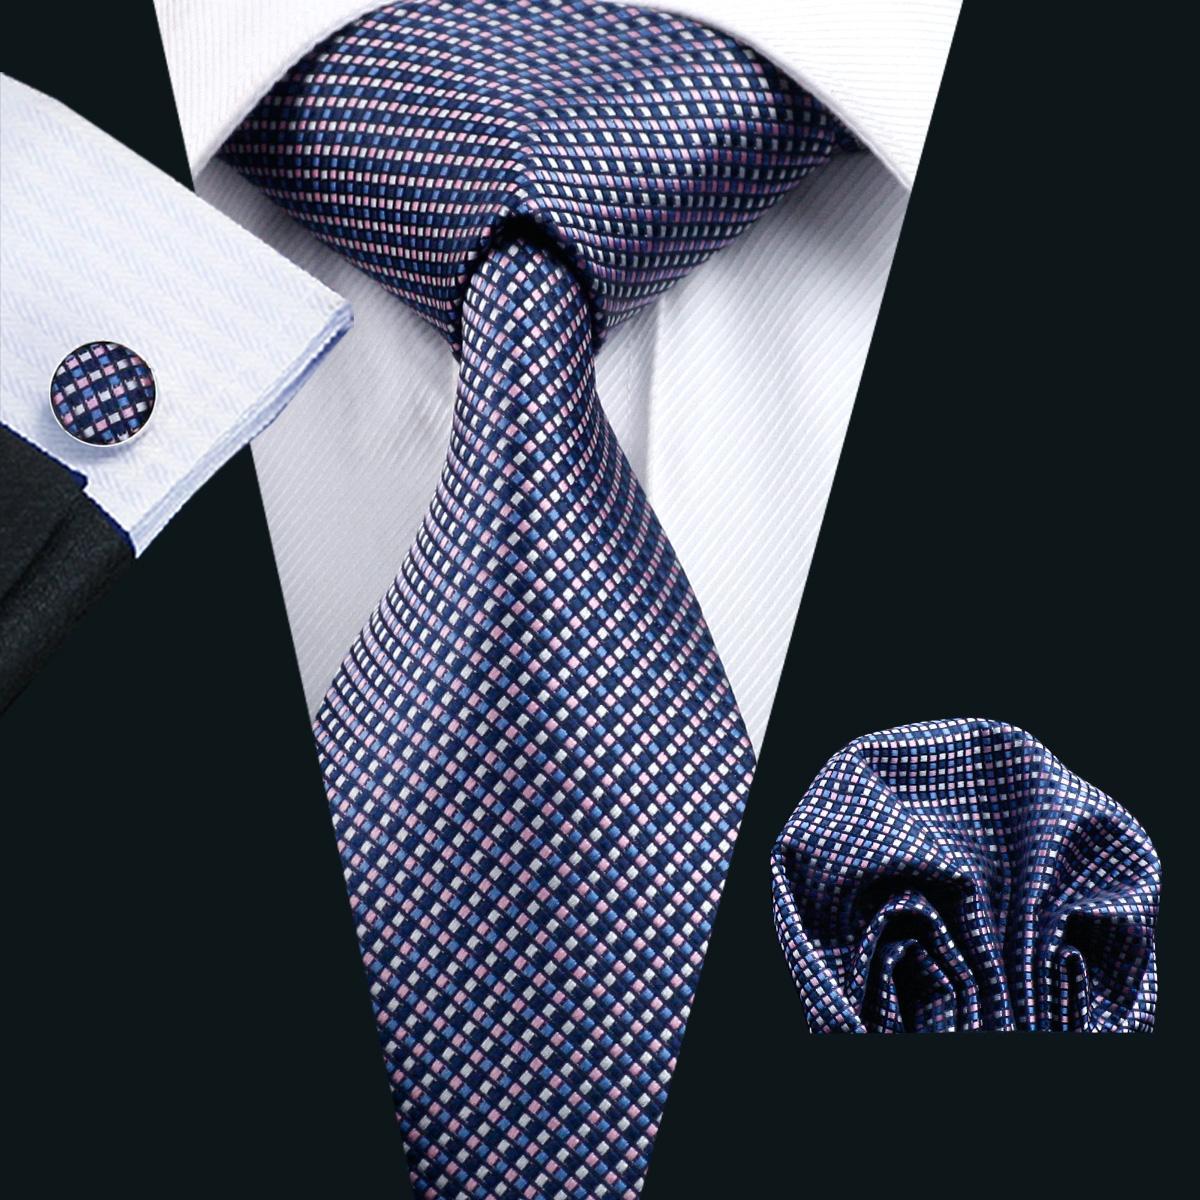 الأزرق التعادل الحرير للرجال الجيب ساحة أزرار أكمام تعيين تحقق نمط رجالي جاكار نسج ربطة العنق الأعمال الرسمي 8.5CM العرض عارضة مجموعة N-0660